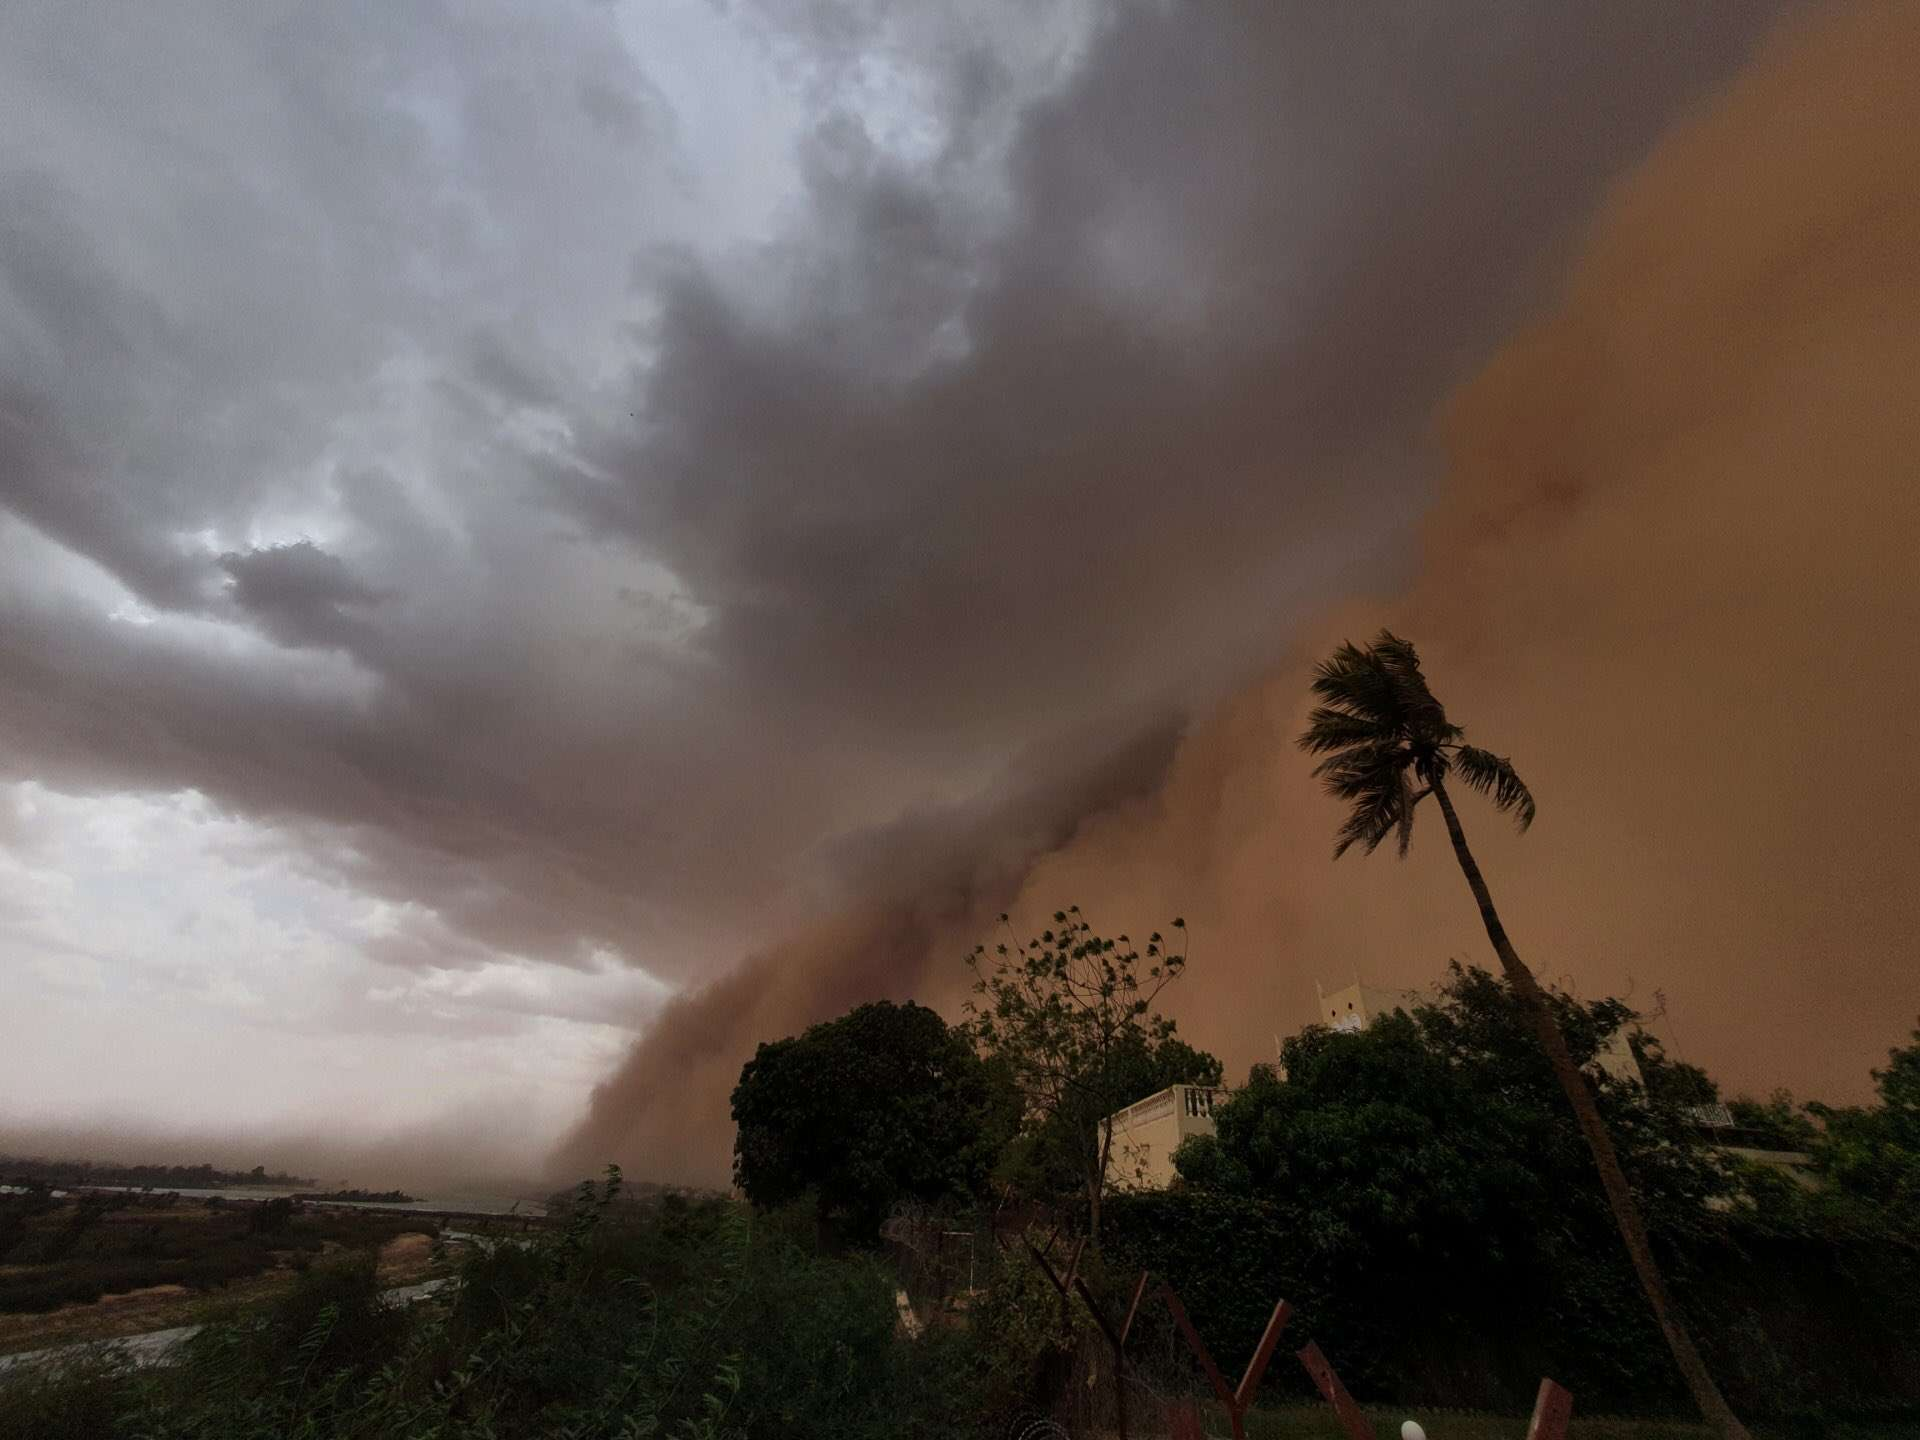 Une tempête de sable a plongé Niamey dans le noir en peine journée. © David Blane, Twitter